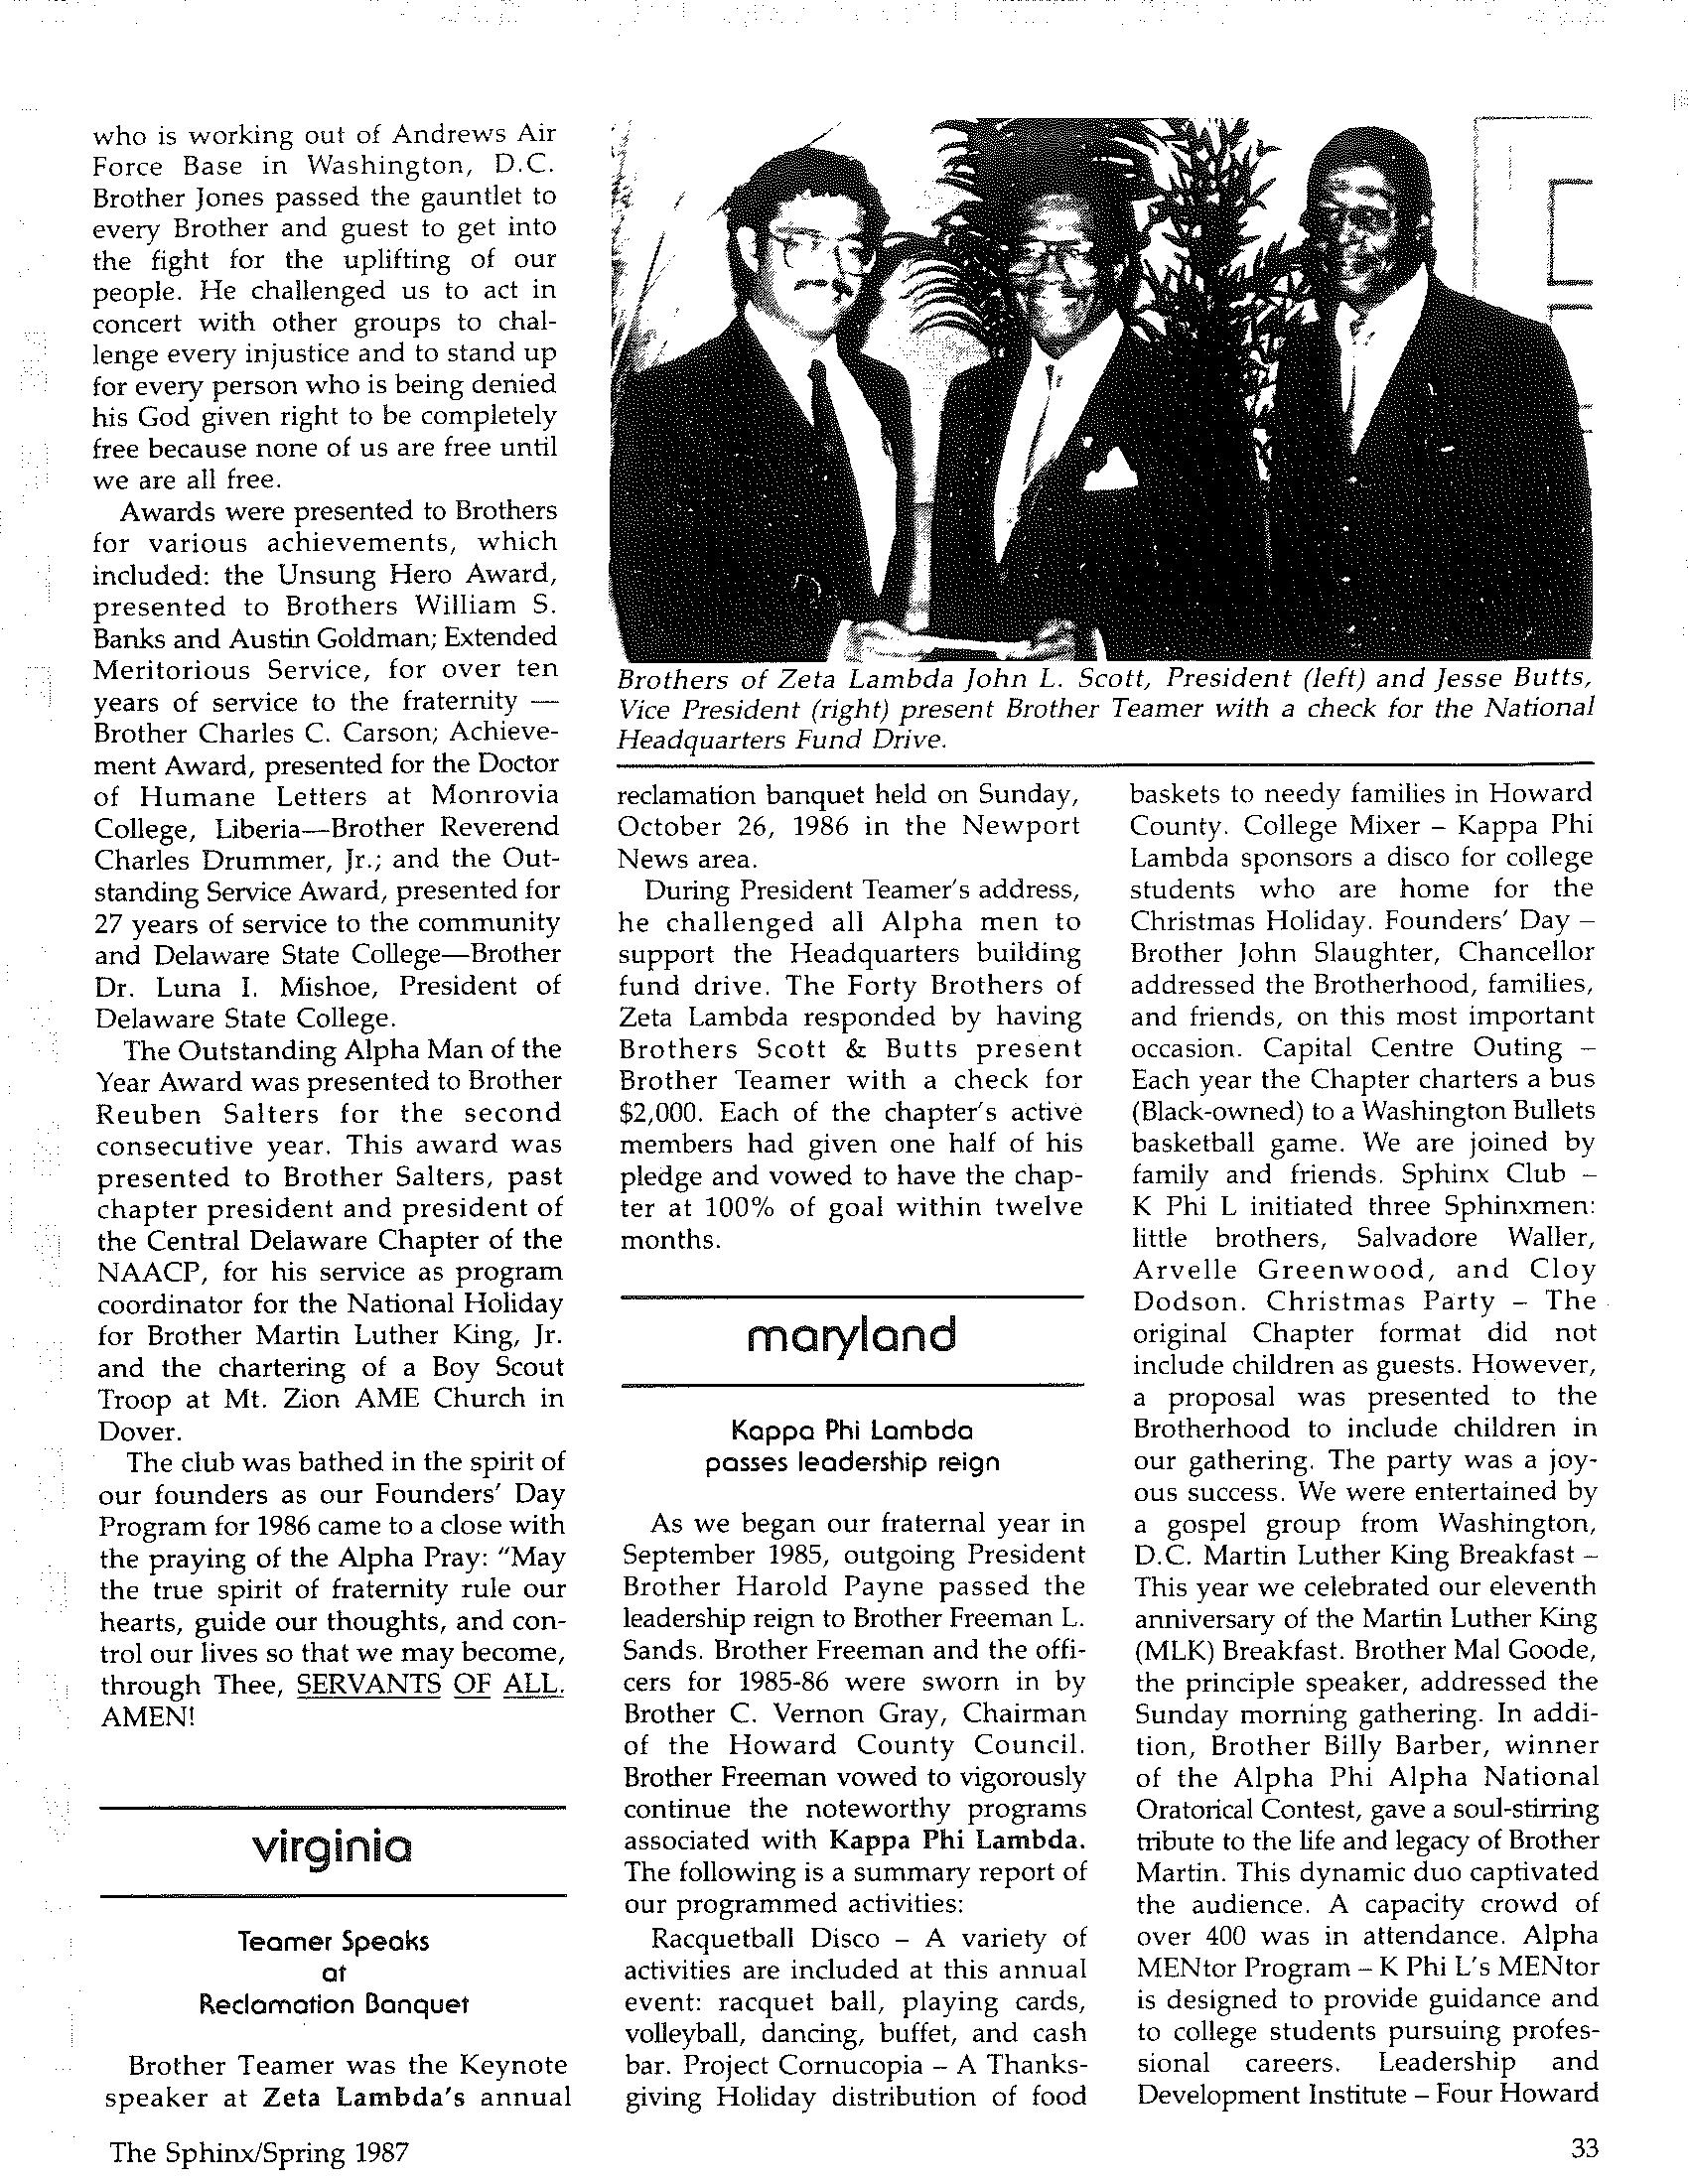 Zeta Lambda 1987 - The Sphinx 2.png